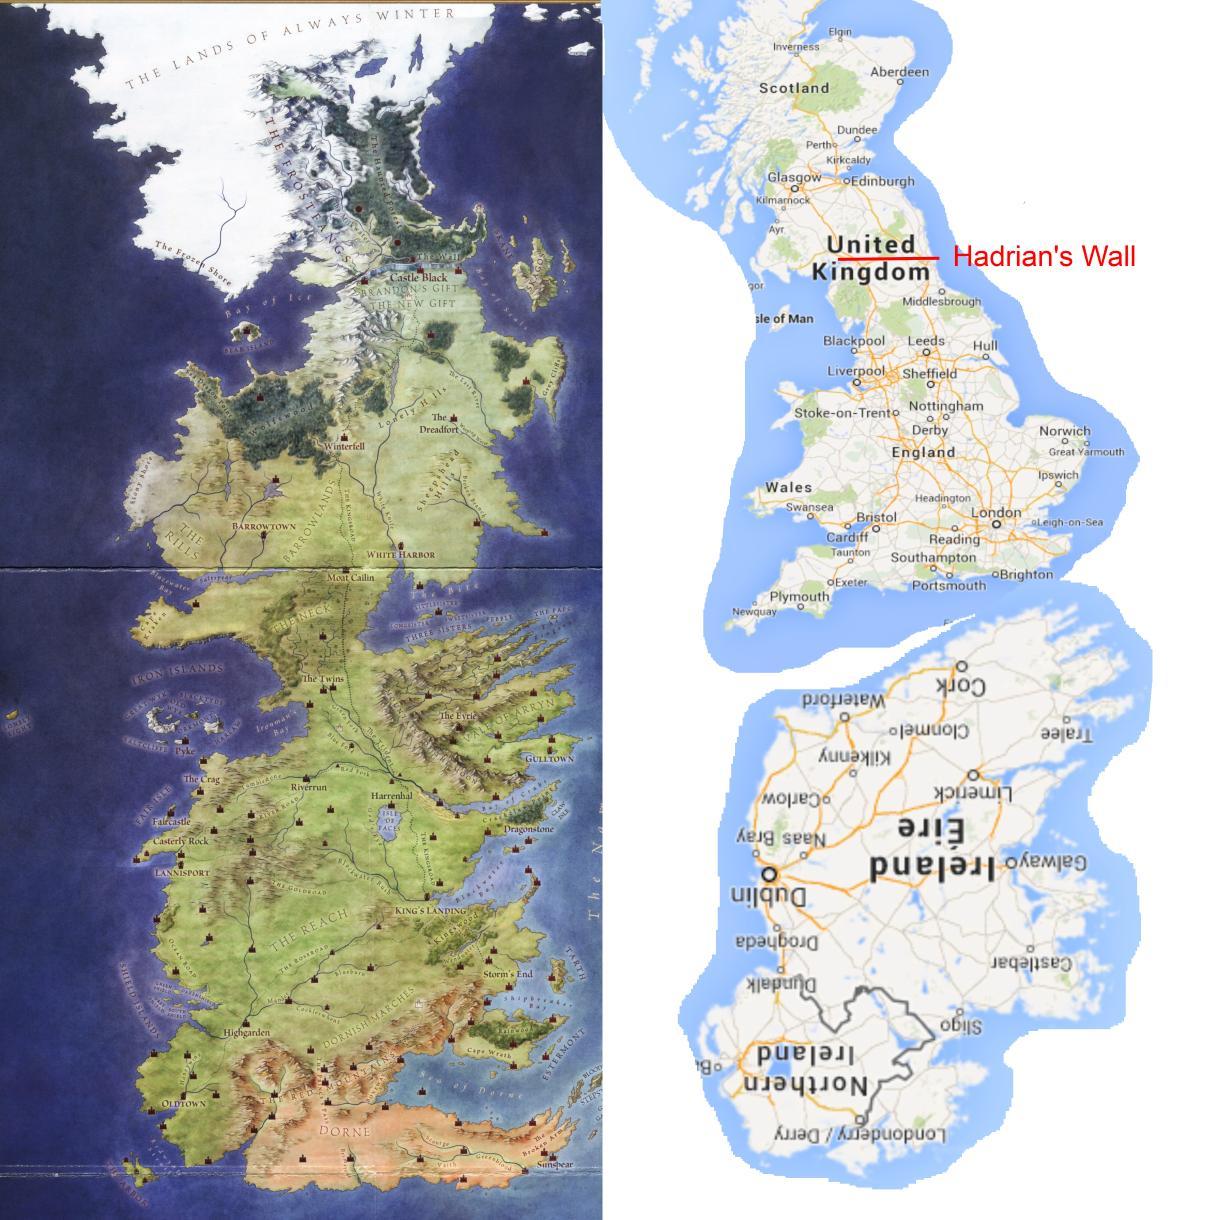 """Westeros, il continente occidentale di """"Game of Thrones"""", paragonato a Regno Unito + Irlanda rovesciata e appiccicata sotto (via Brilliant Maps)"""